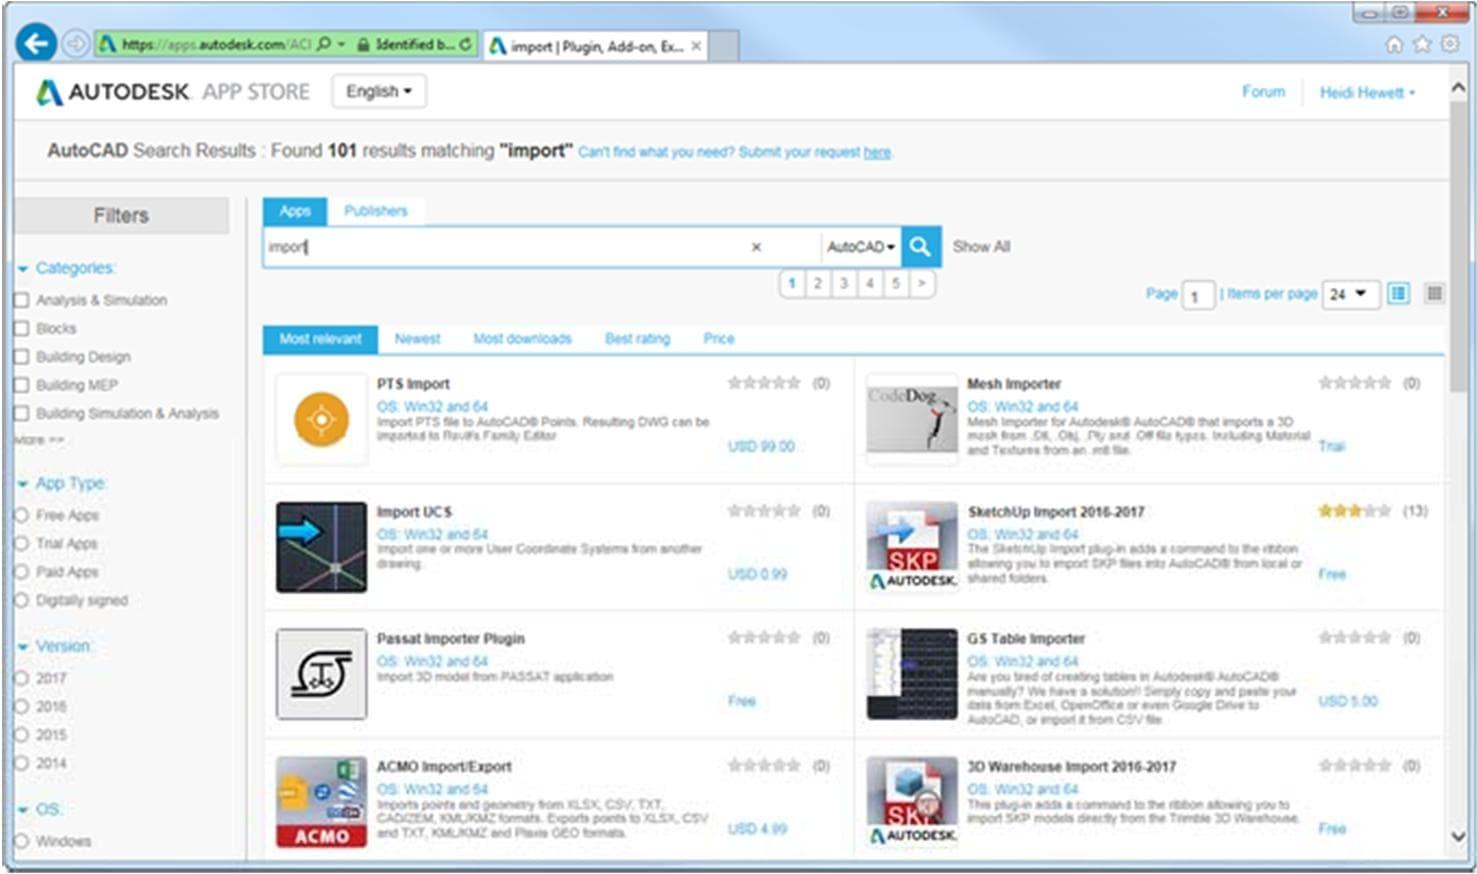 Các ứng dụng trong Autodesk App Store